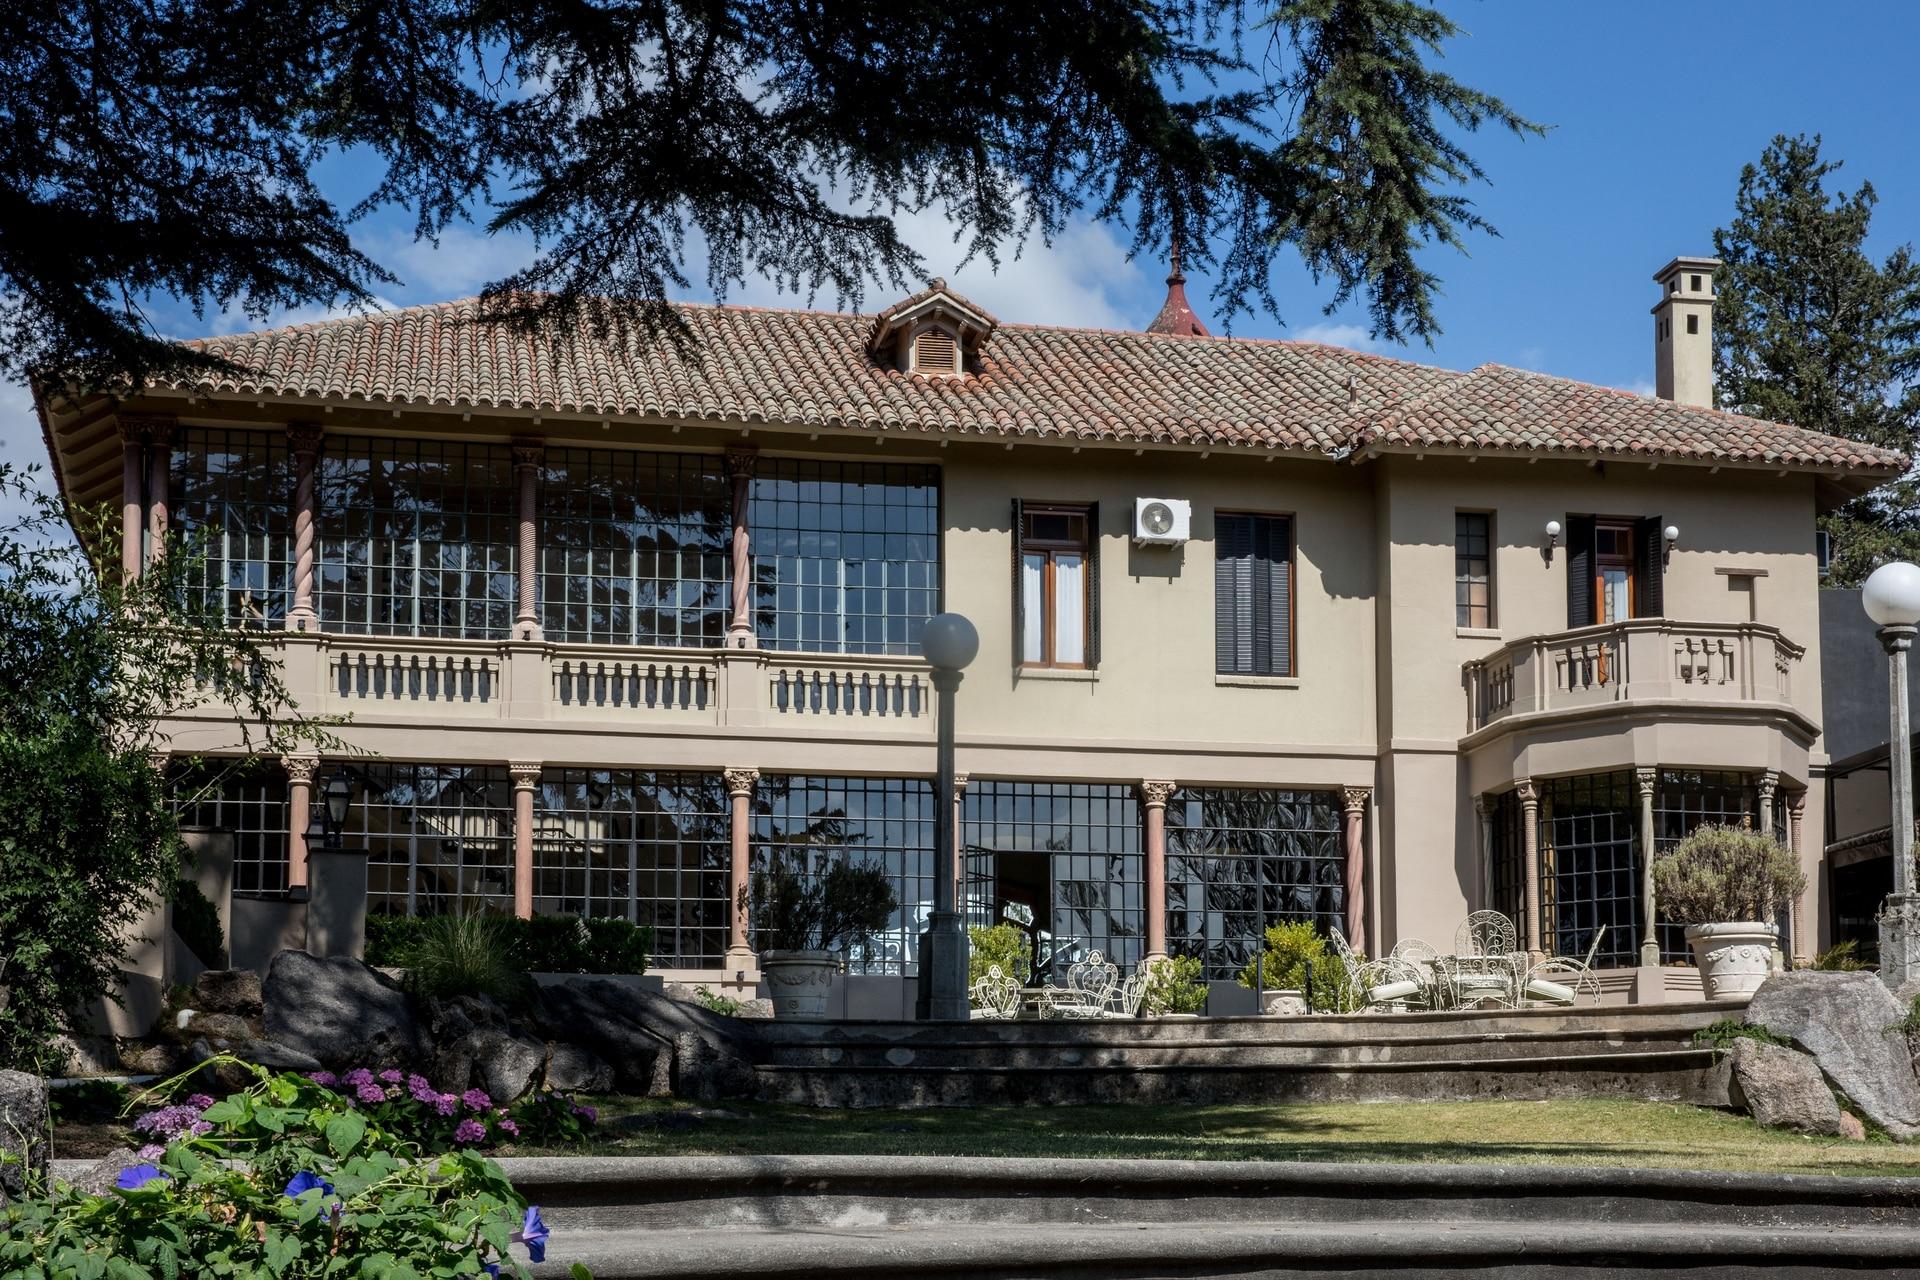 Por su valor patrimonial arquitectónico, San Leonardo ingresó hace tres años en la nómina de bienes protegidos de la Comisión Nacional de Monumentos Históricos de la Nación.